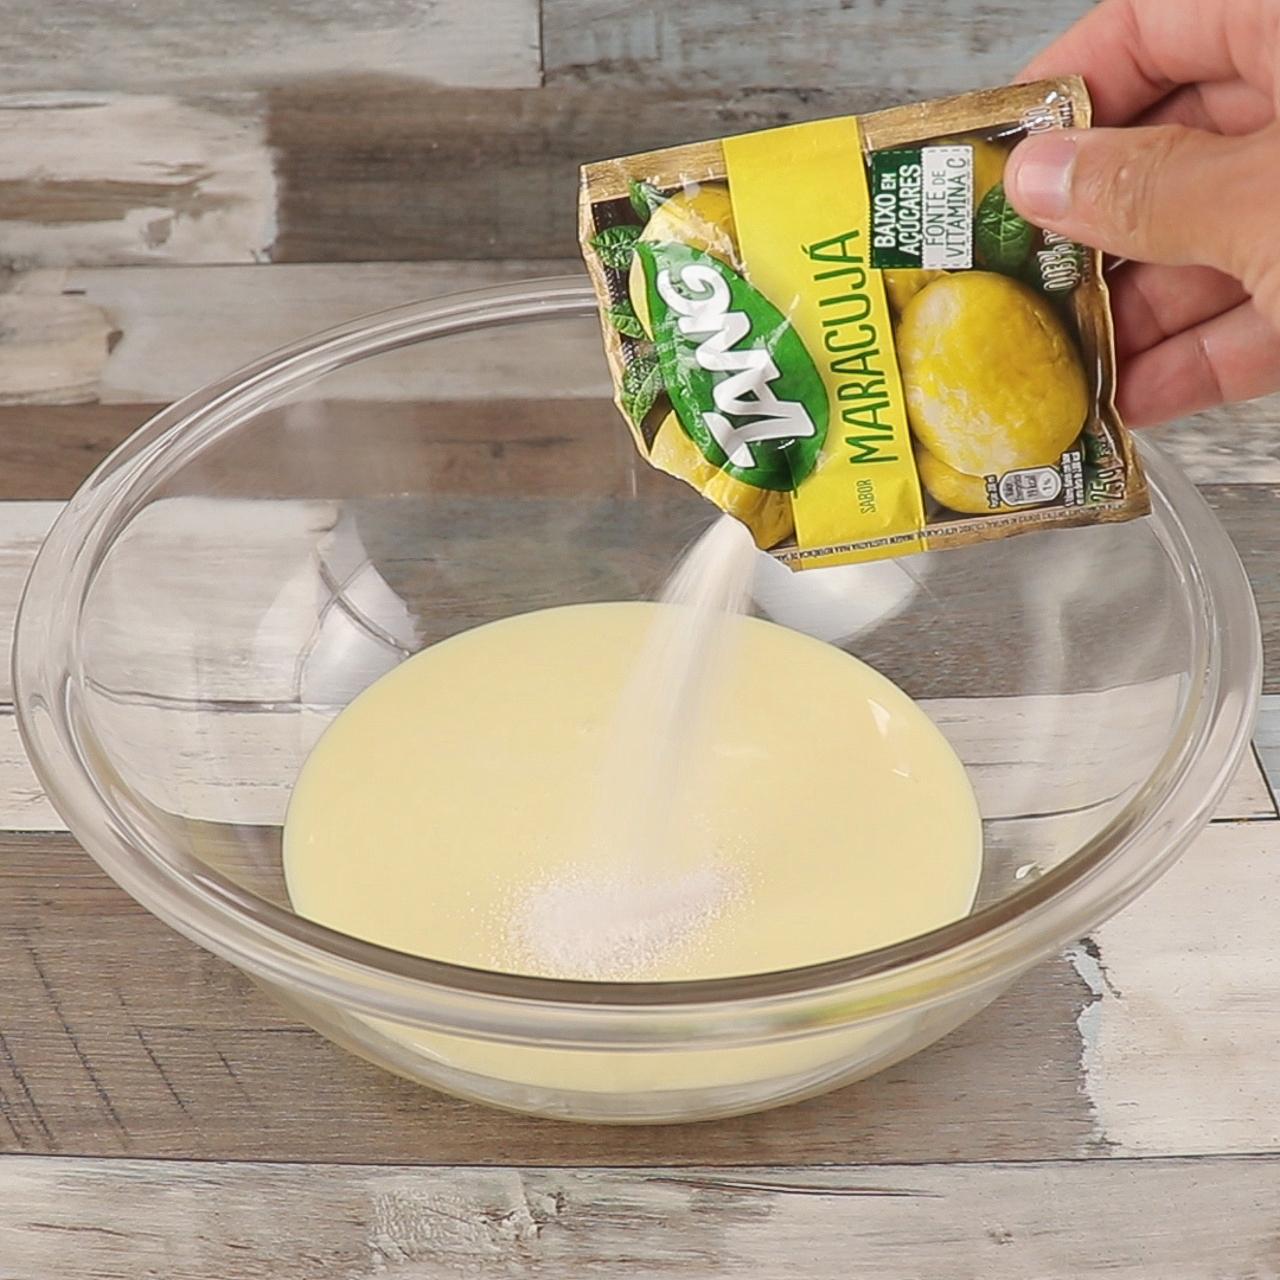 Amansa Sogra - Sobremesa Com 3 Ingredientes, Pronta Em 5 Minutos